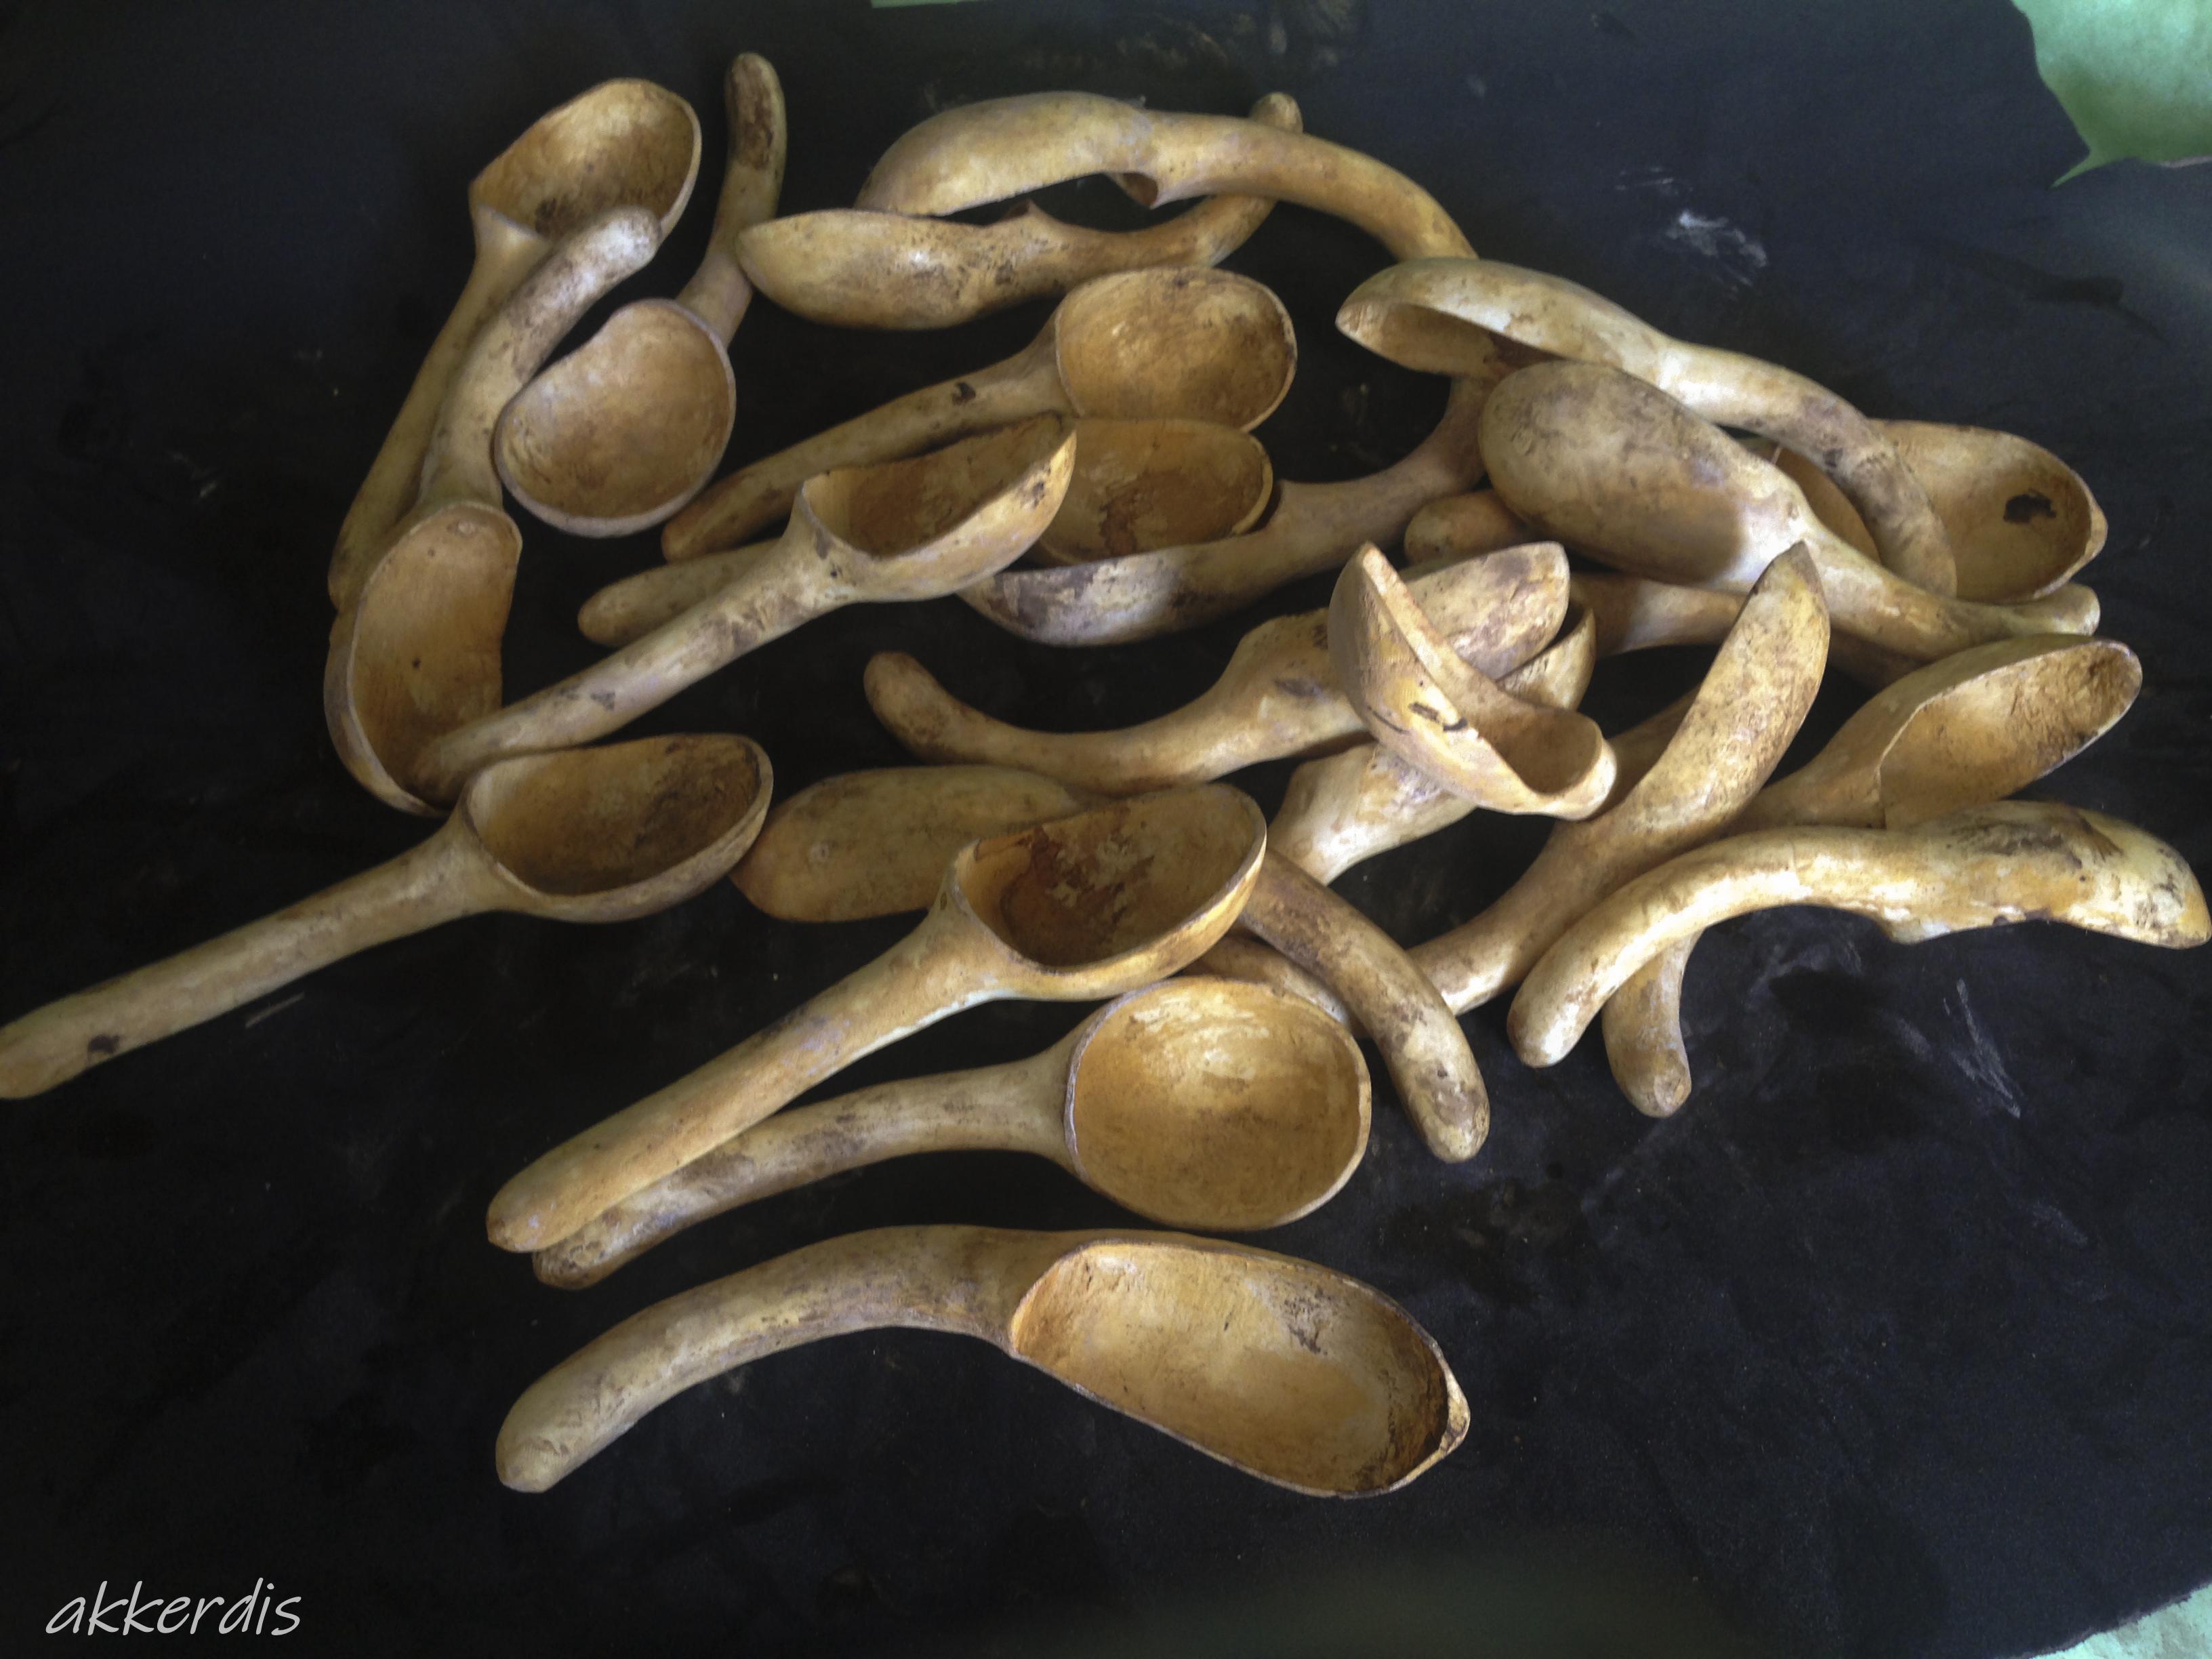 Kalbasse spoons